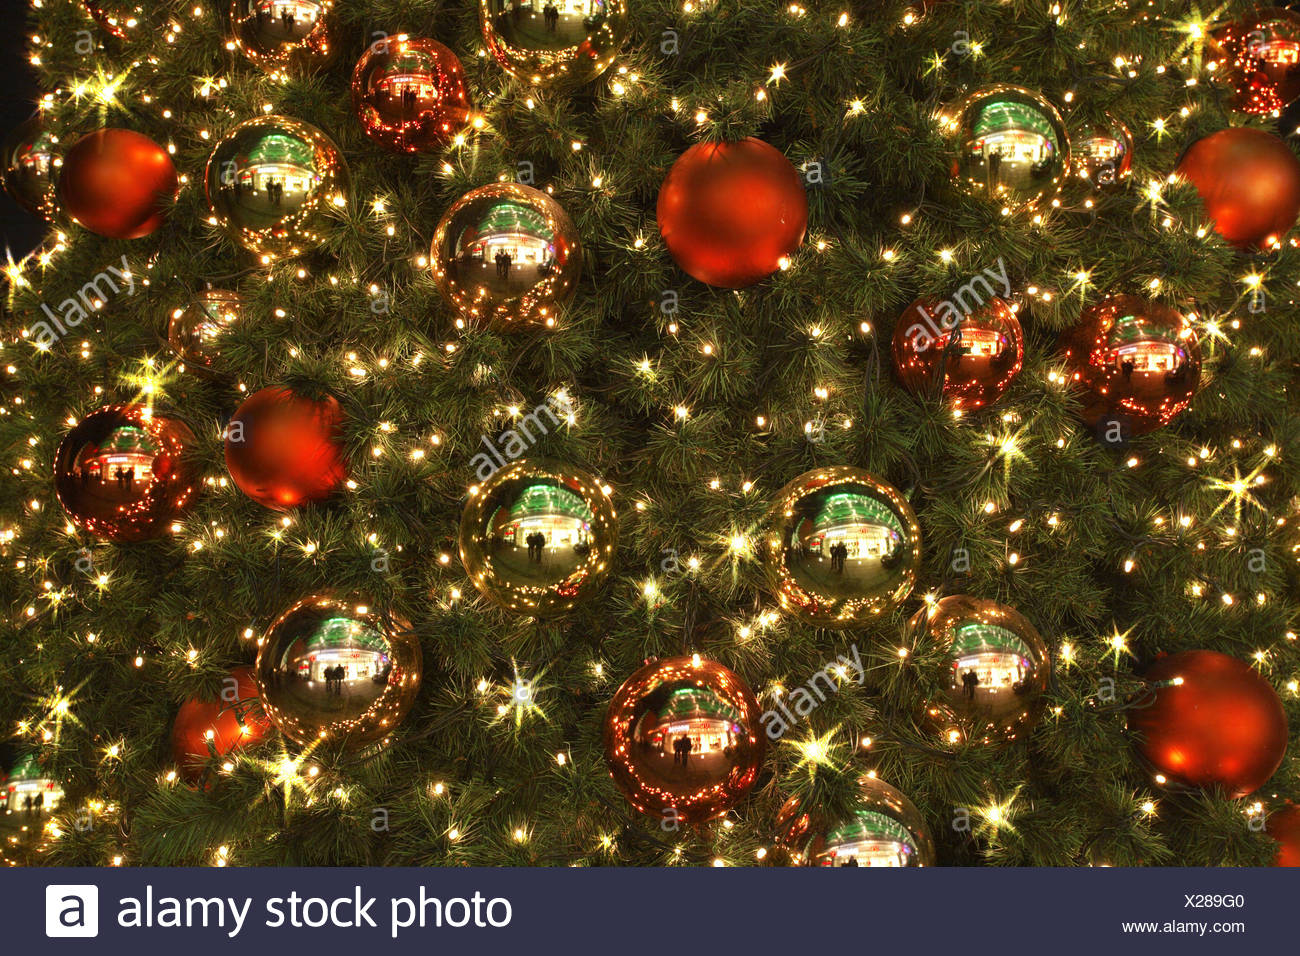 Wieso Tannenbaum Weihnachten.Weihnachtsbaum Beleuchtung Nahaufnahme Baum Tannenbaum Weihnachten